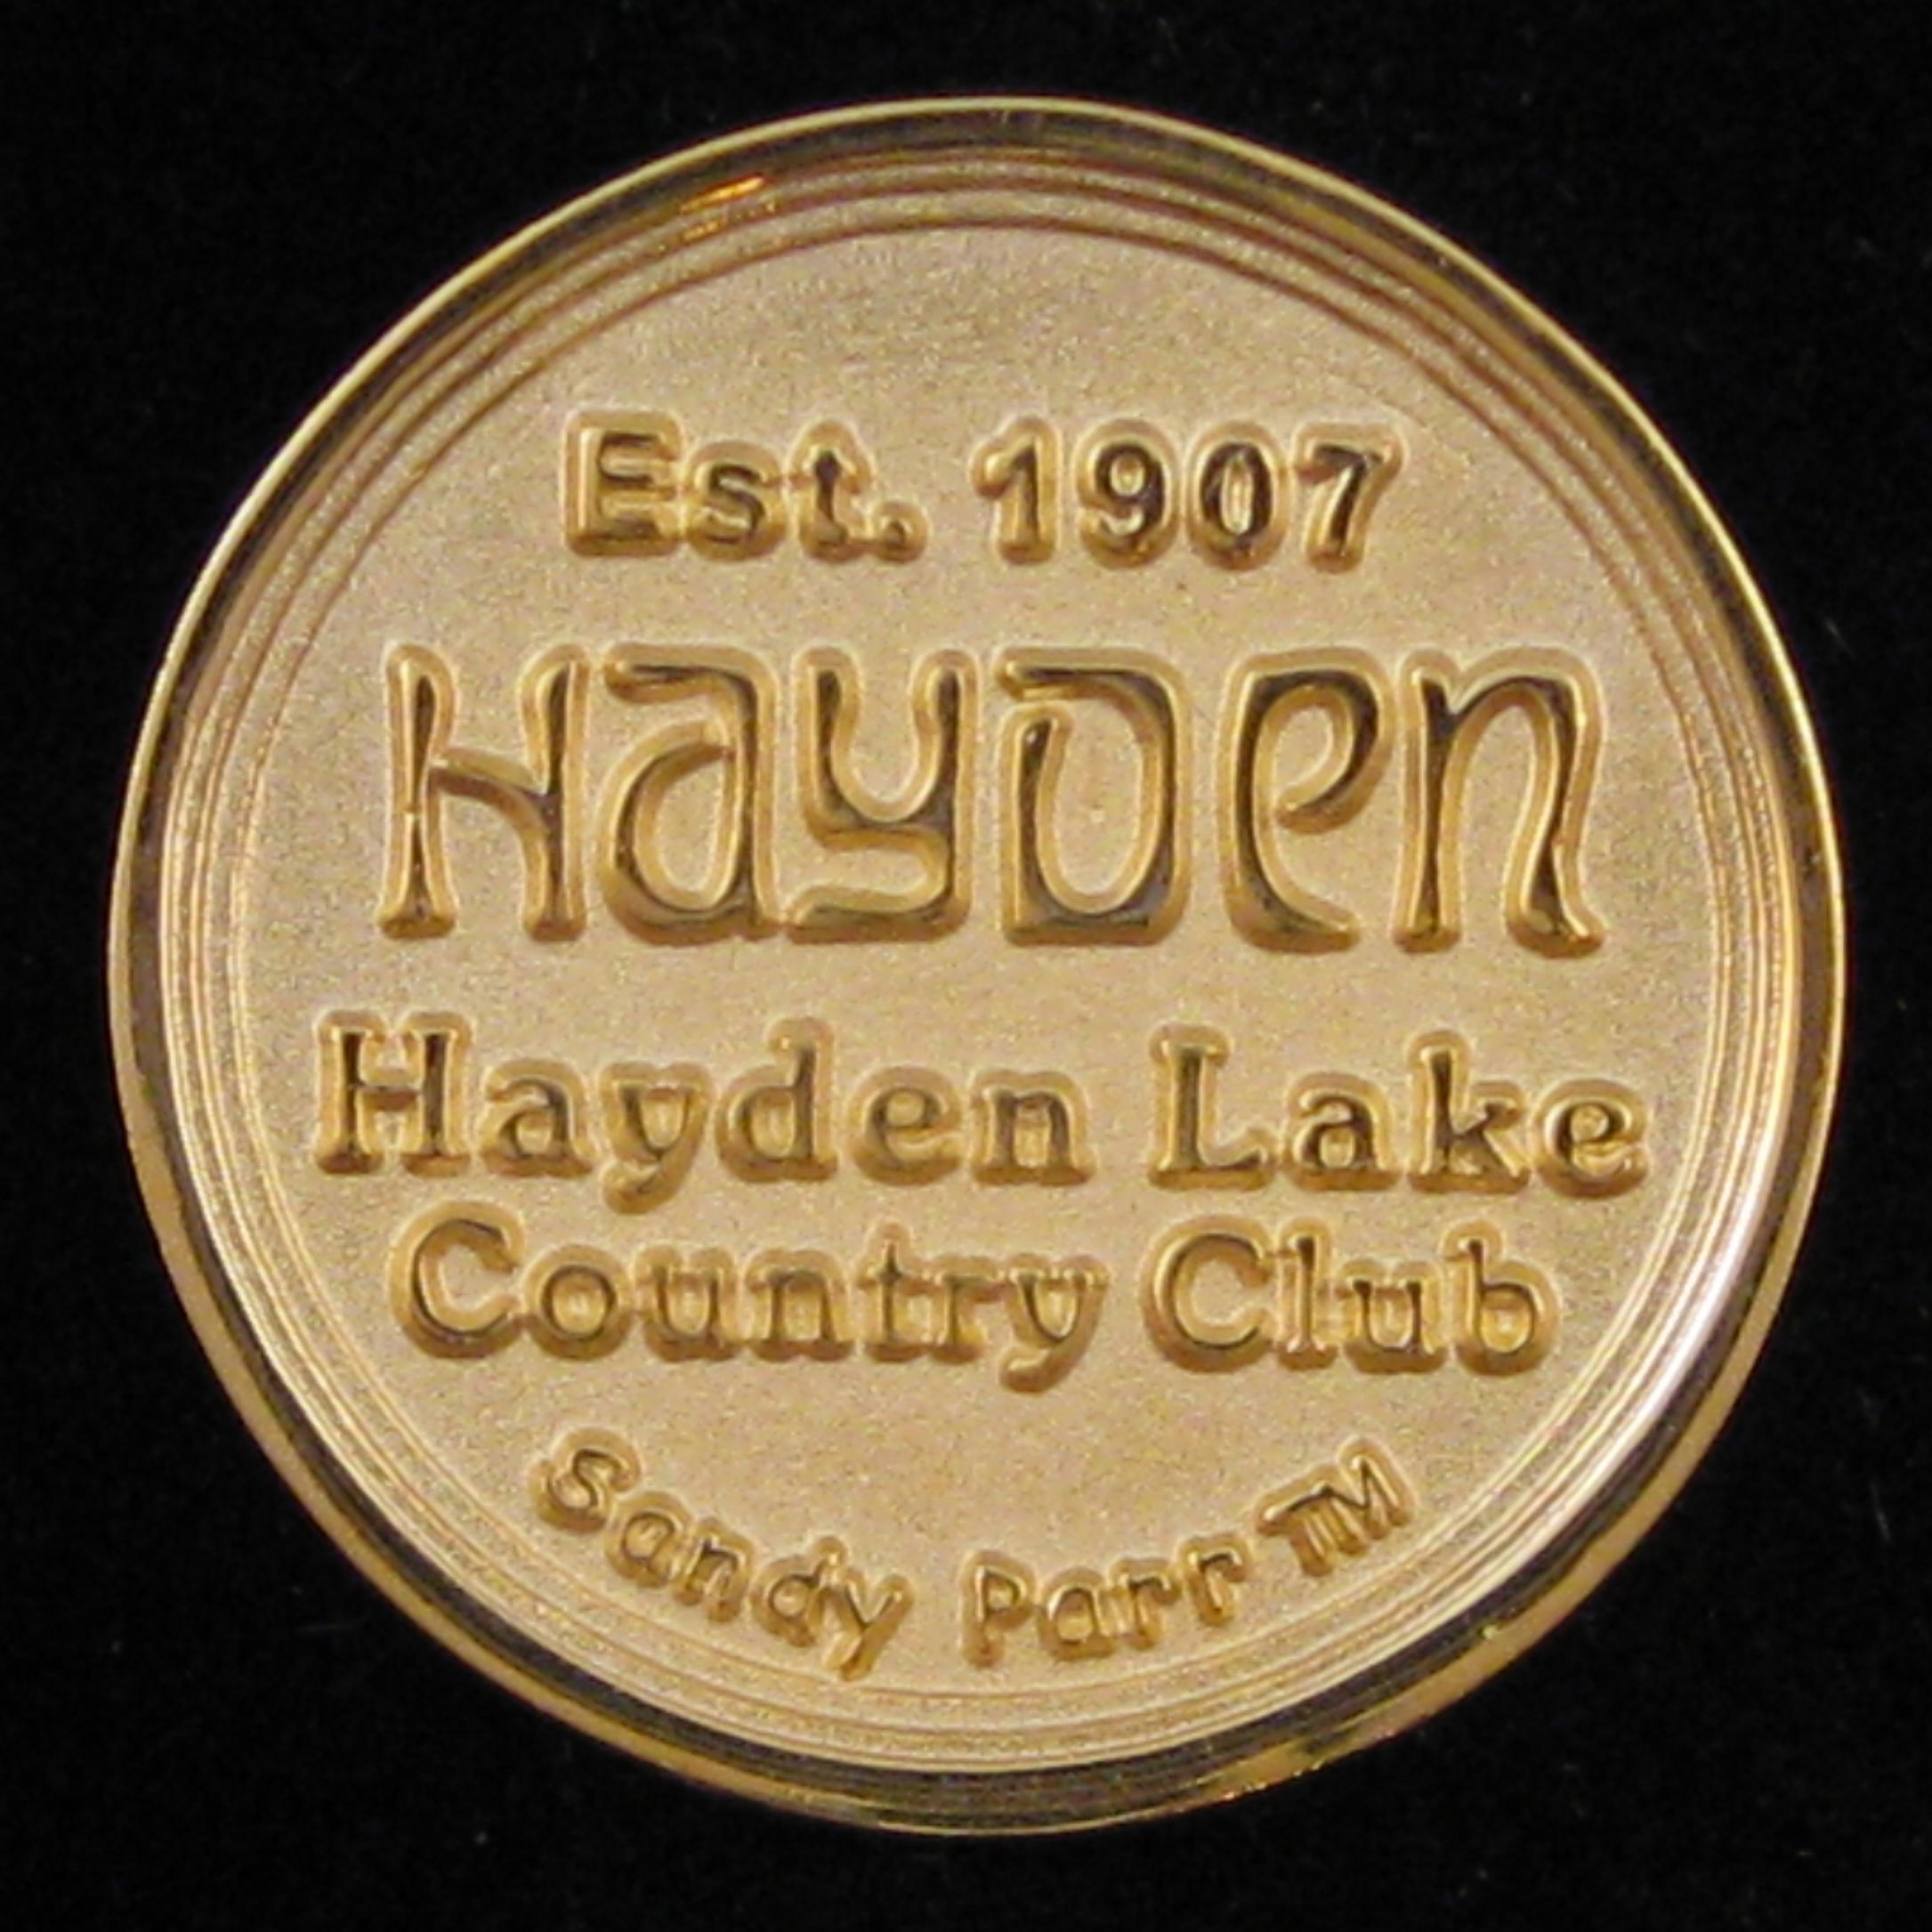 Hayden Lake C.C. - Back